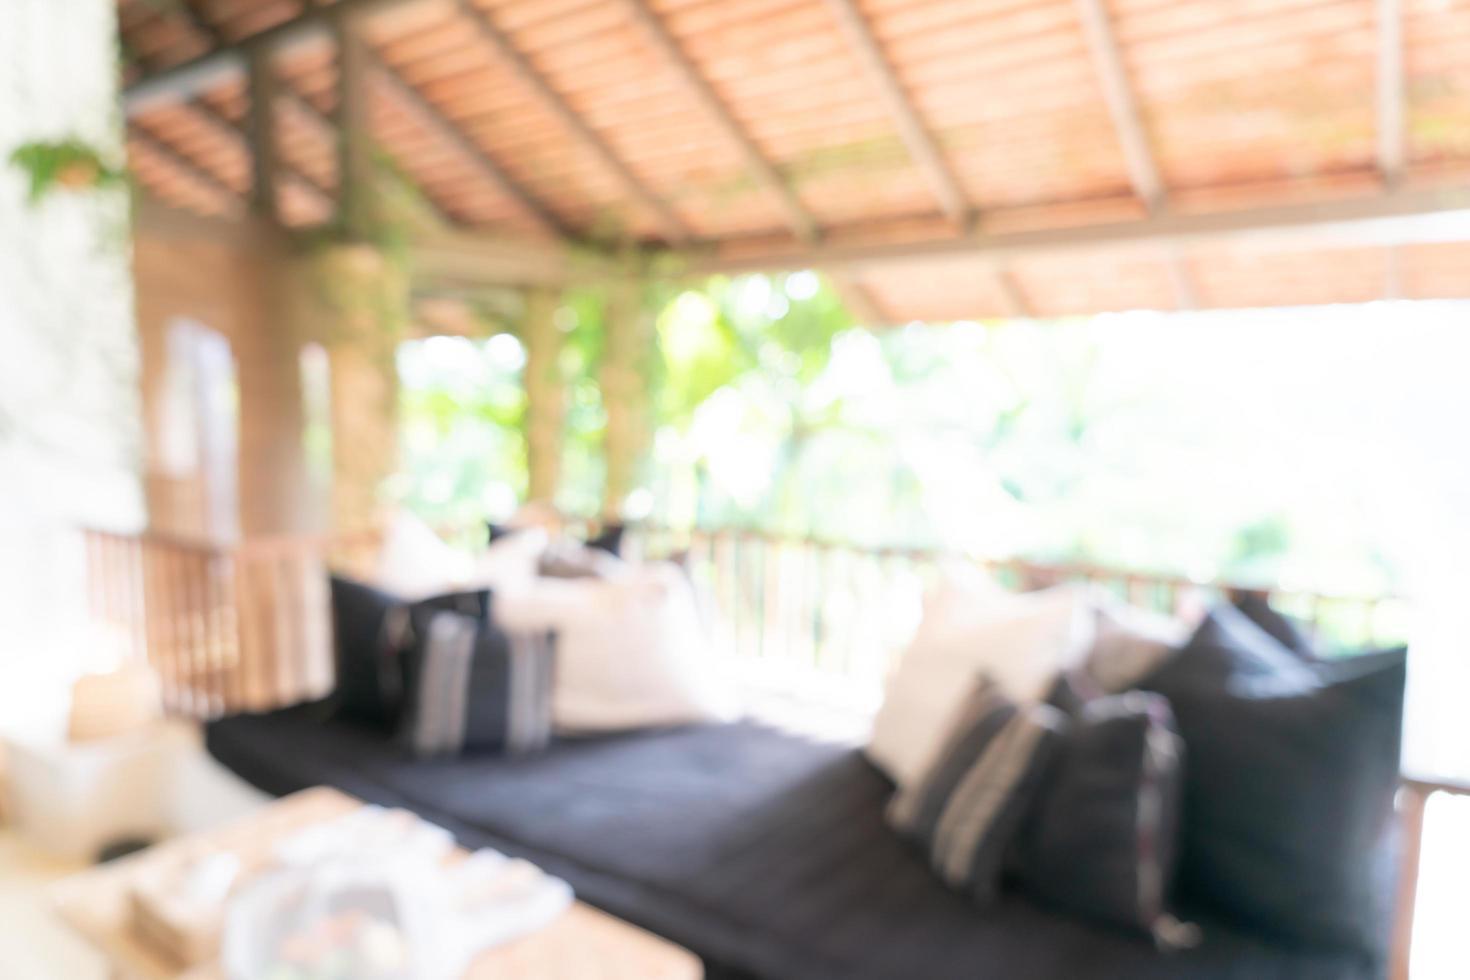 sfocatura astratta zona soggiorno sulla terrazza del balcone per lo sfondo foto